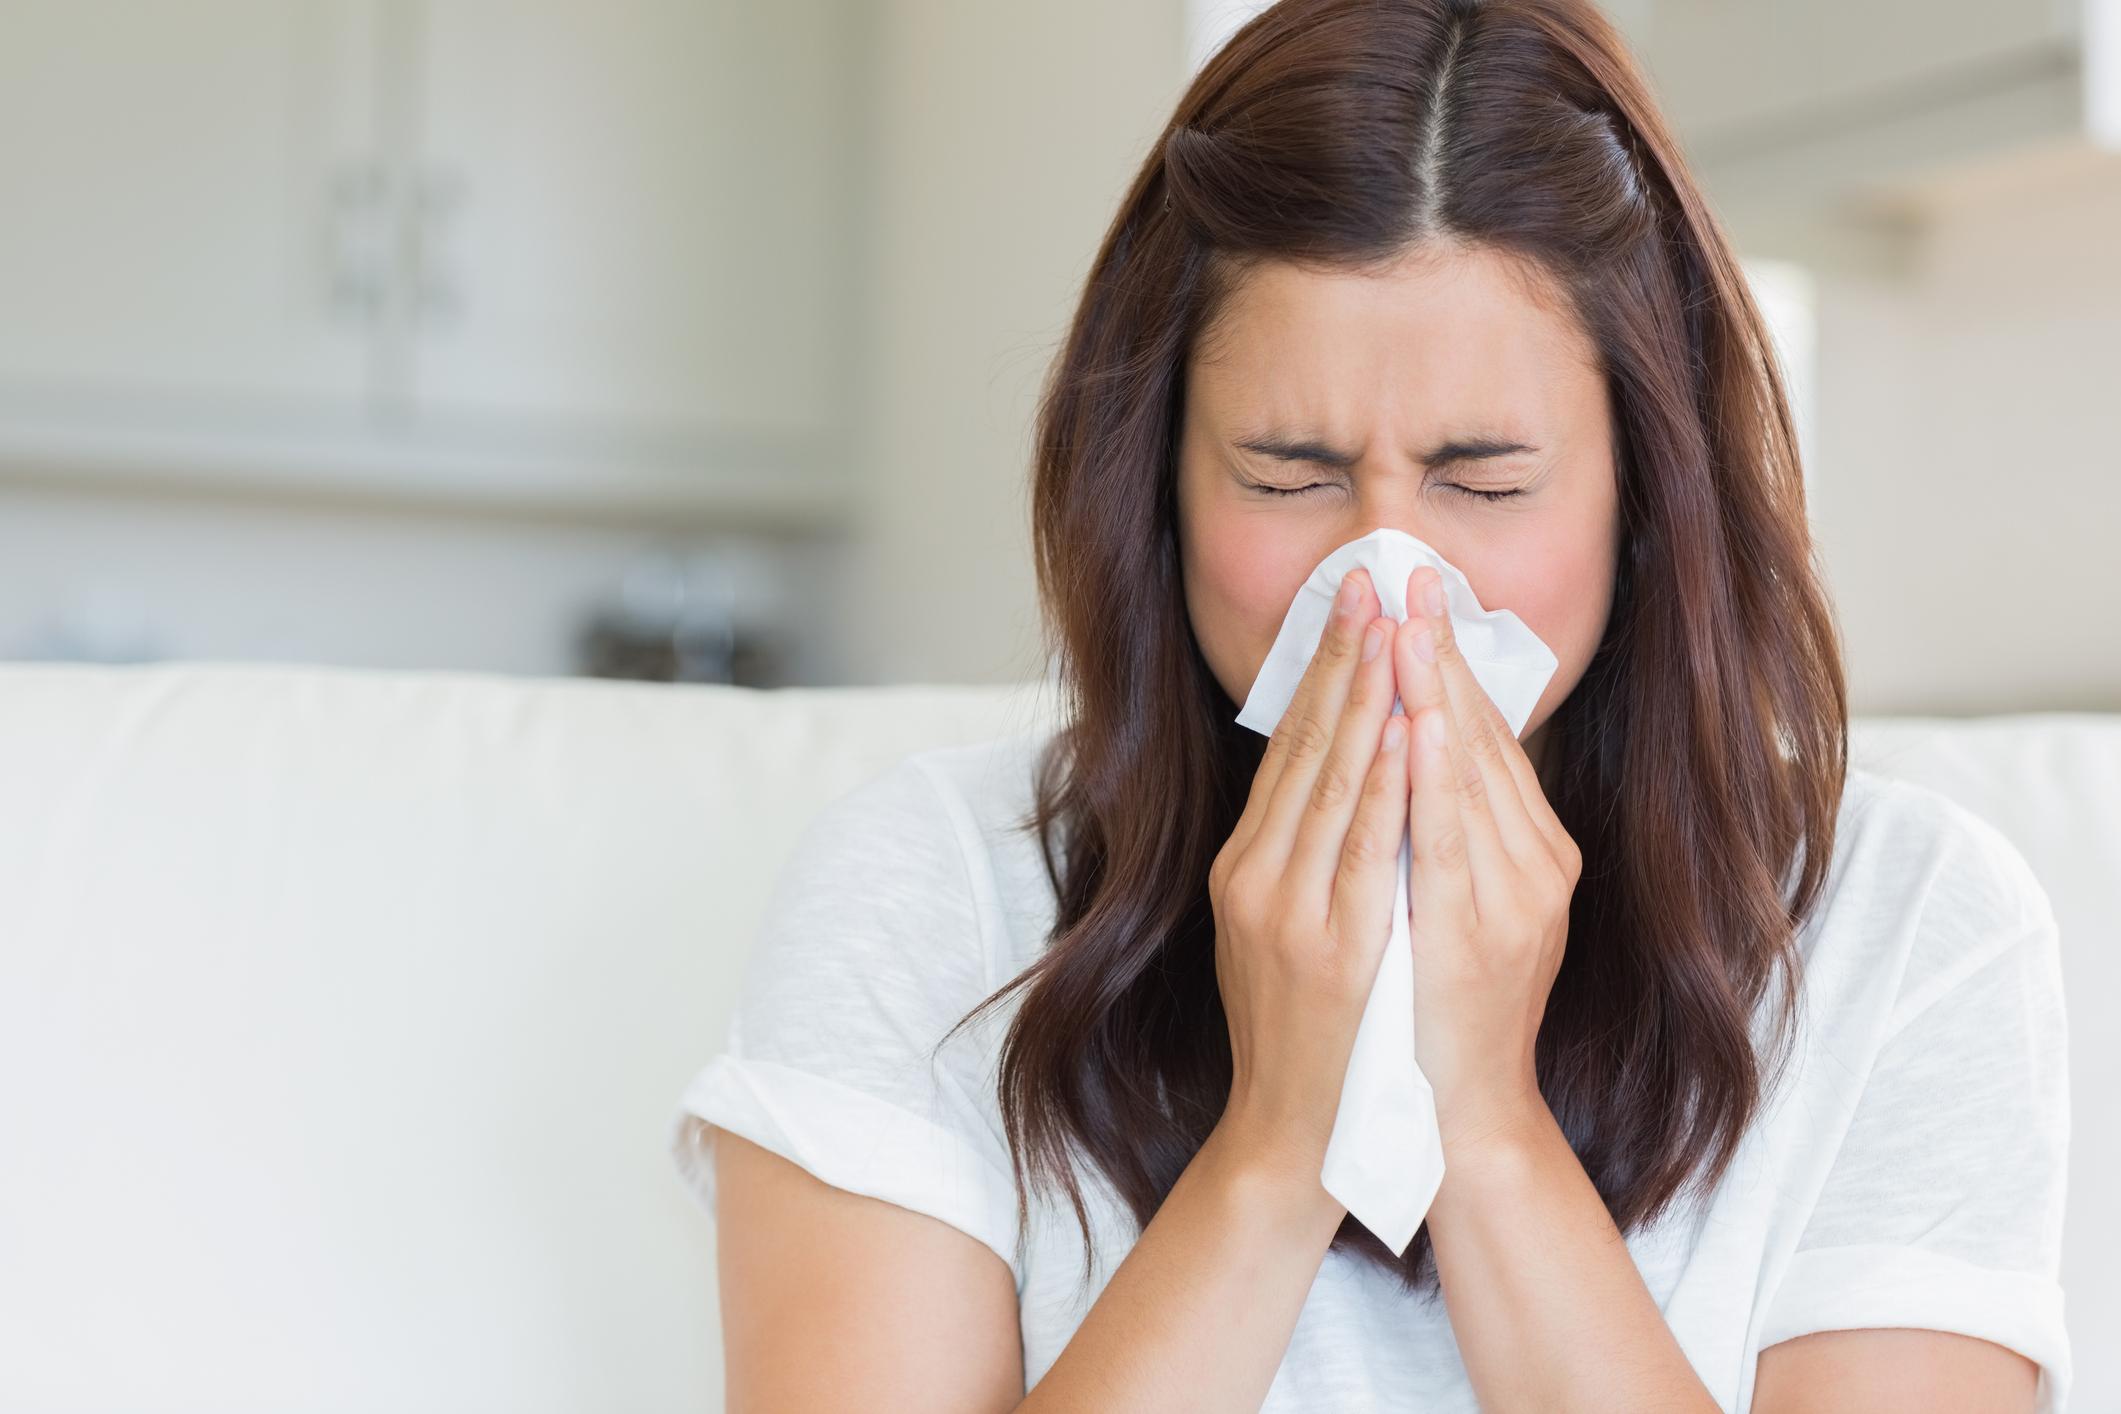 Gripe e resfriado são patologias diferentes, porém ainda bastantes confundidas pela população. Entenda quais os vírus de cada uma.